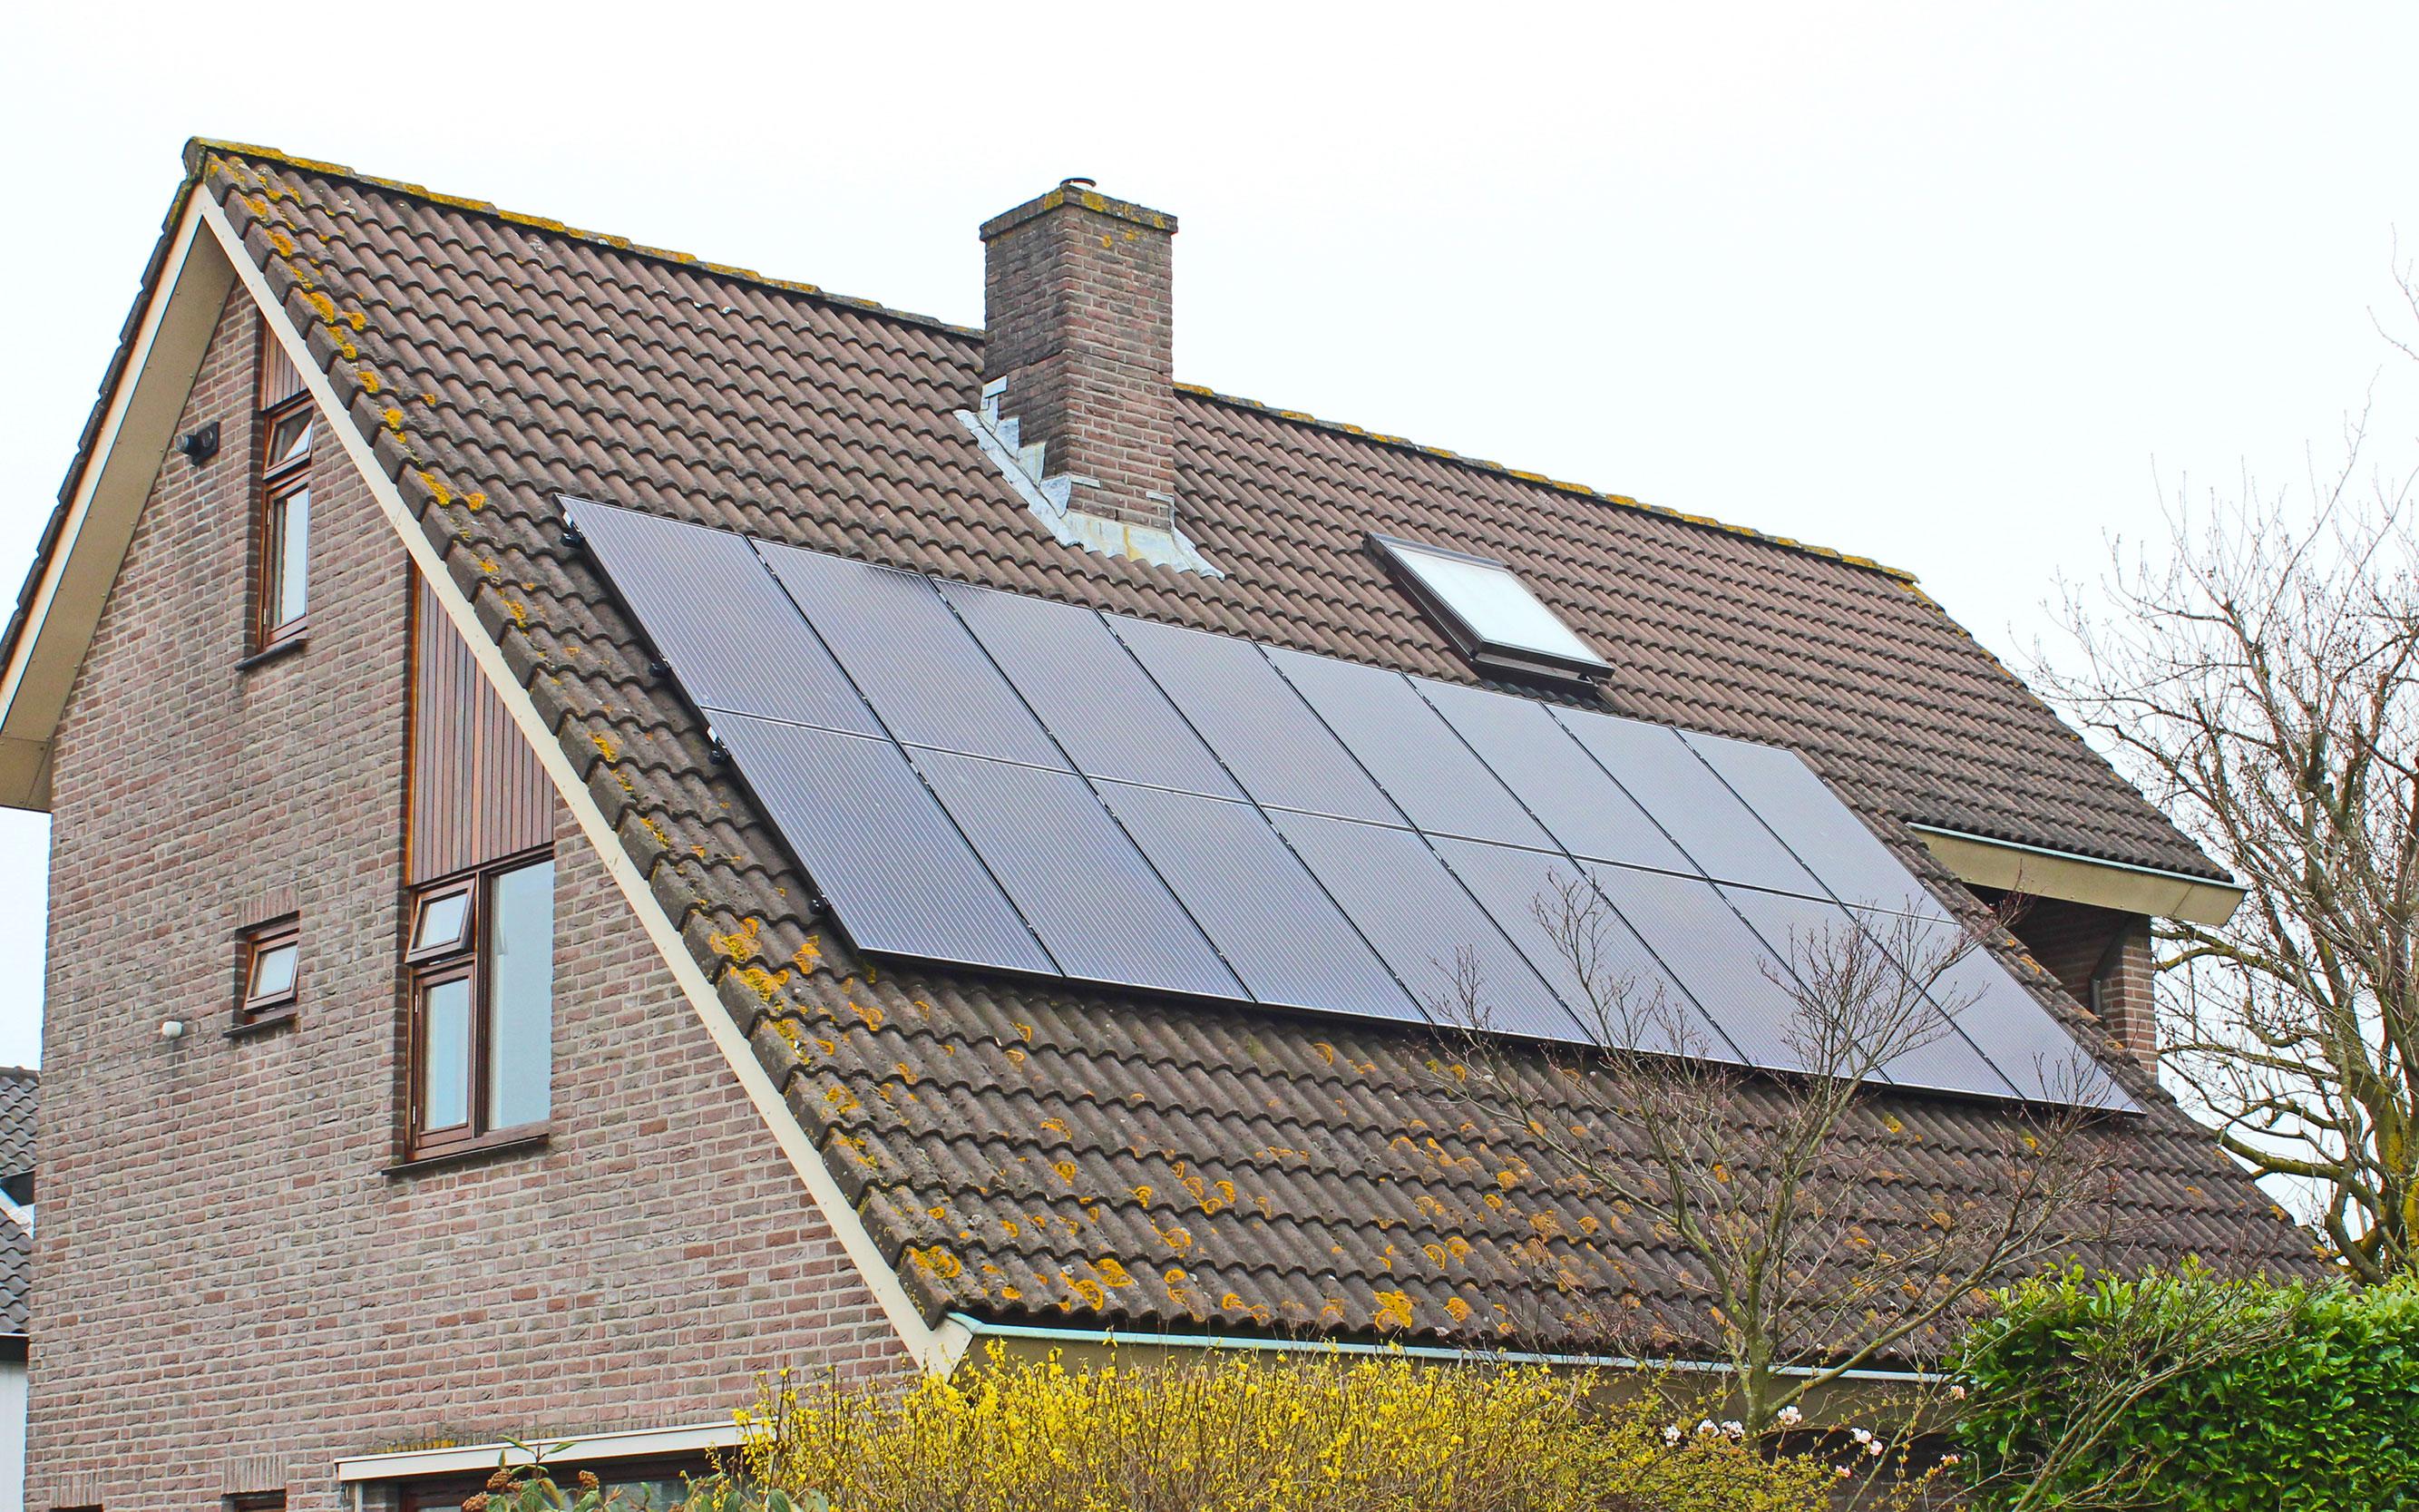 Houten bruist van de schone energie